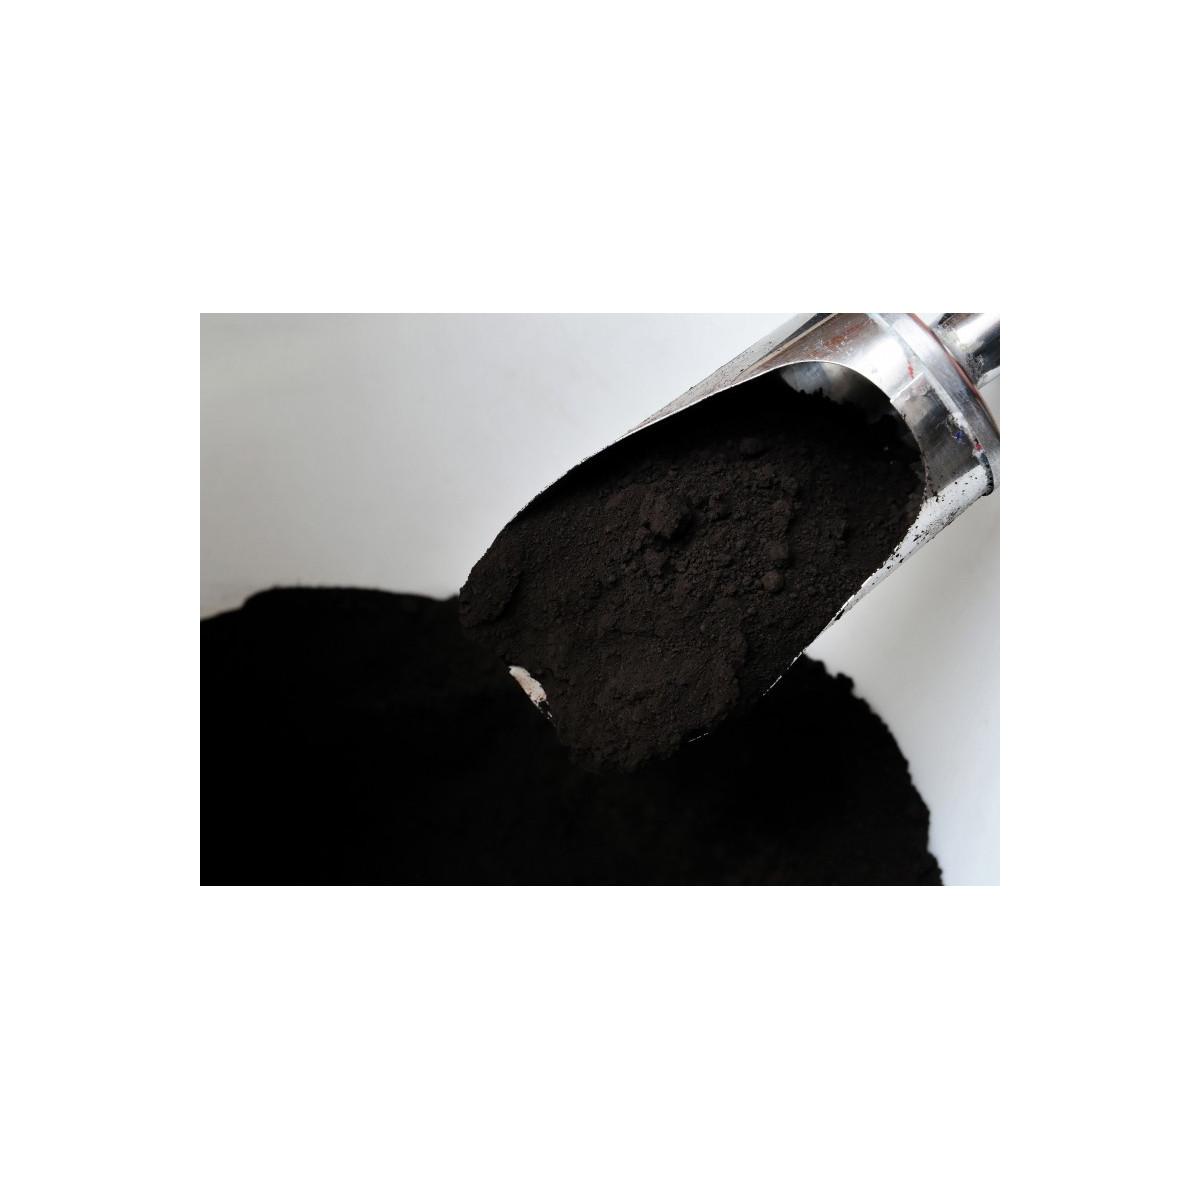 pigment colorant ciment mortier b ton maison tanche. Black Bedroom Furniture Sets. Home Design Ideas